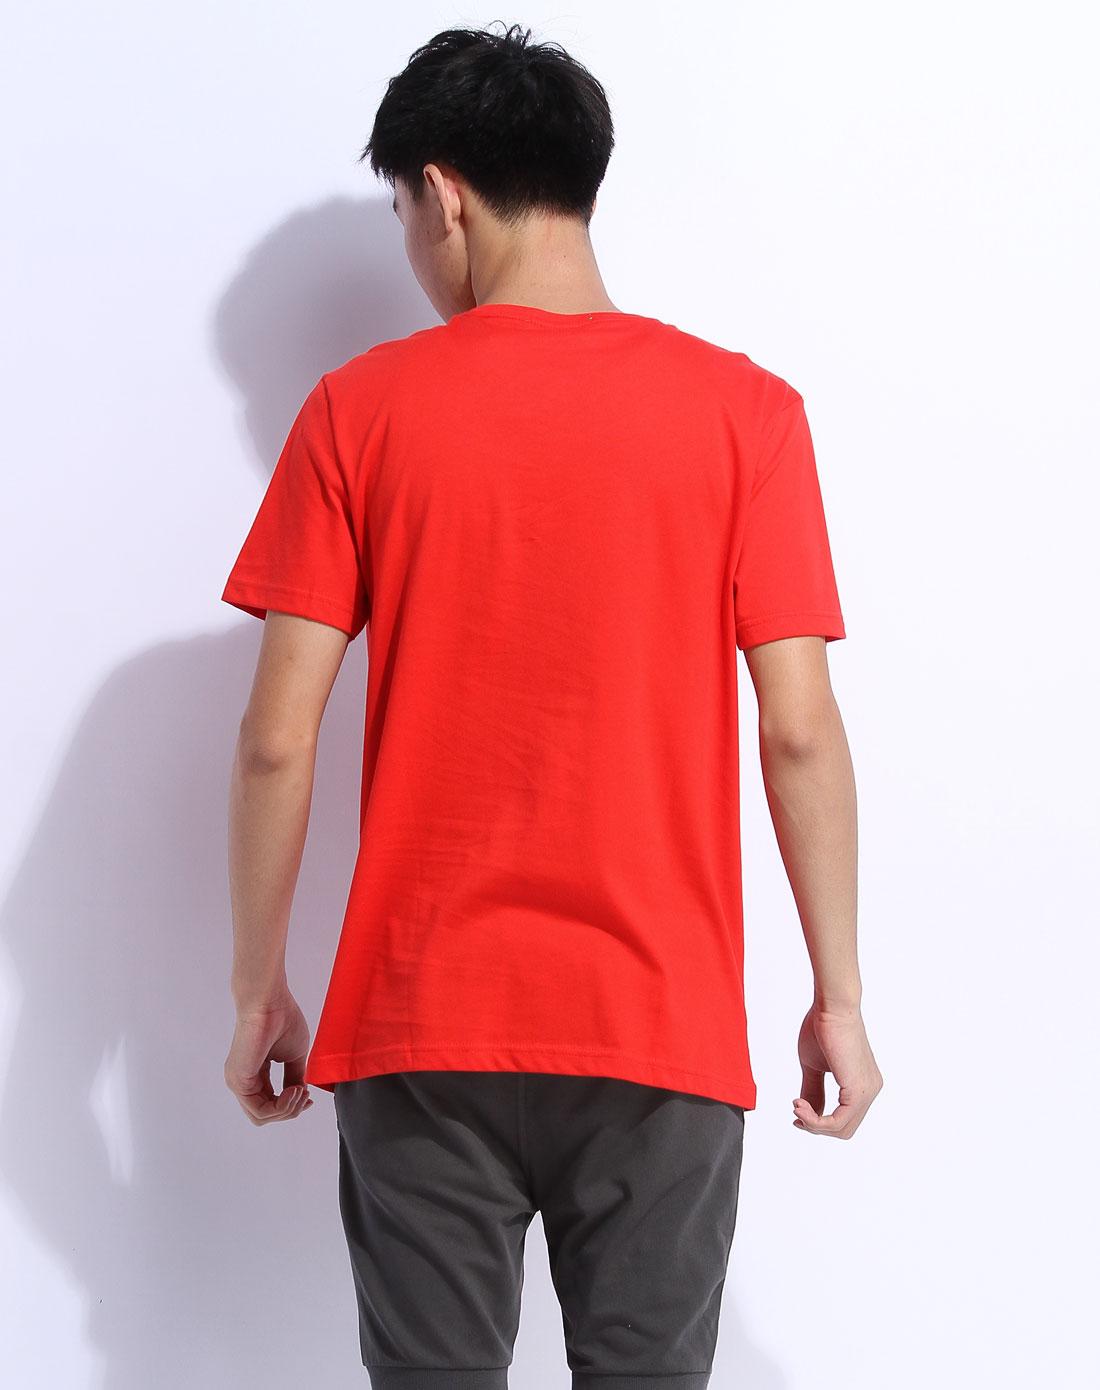 森马男装专场-红色短袖休闲t恤图片